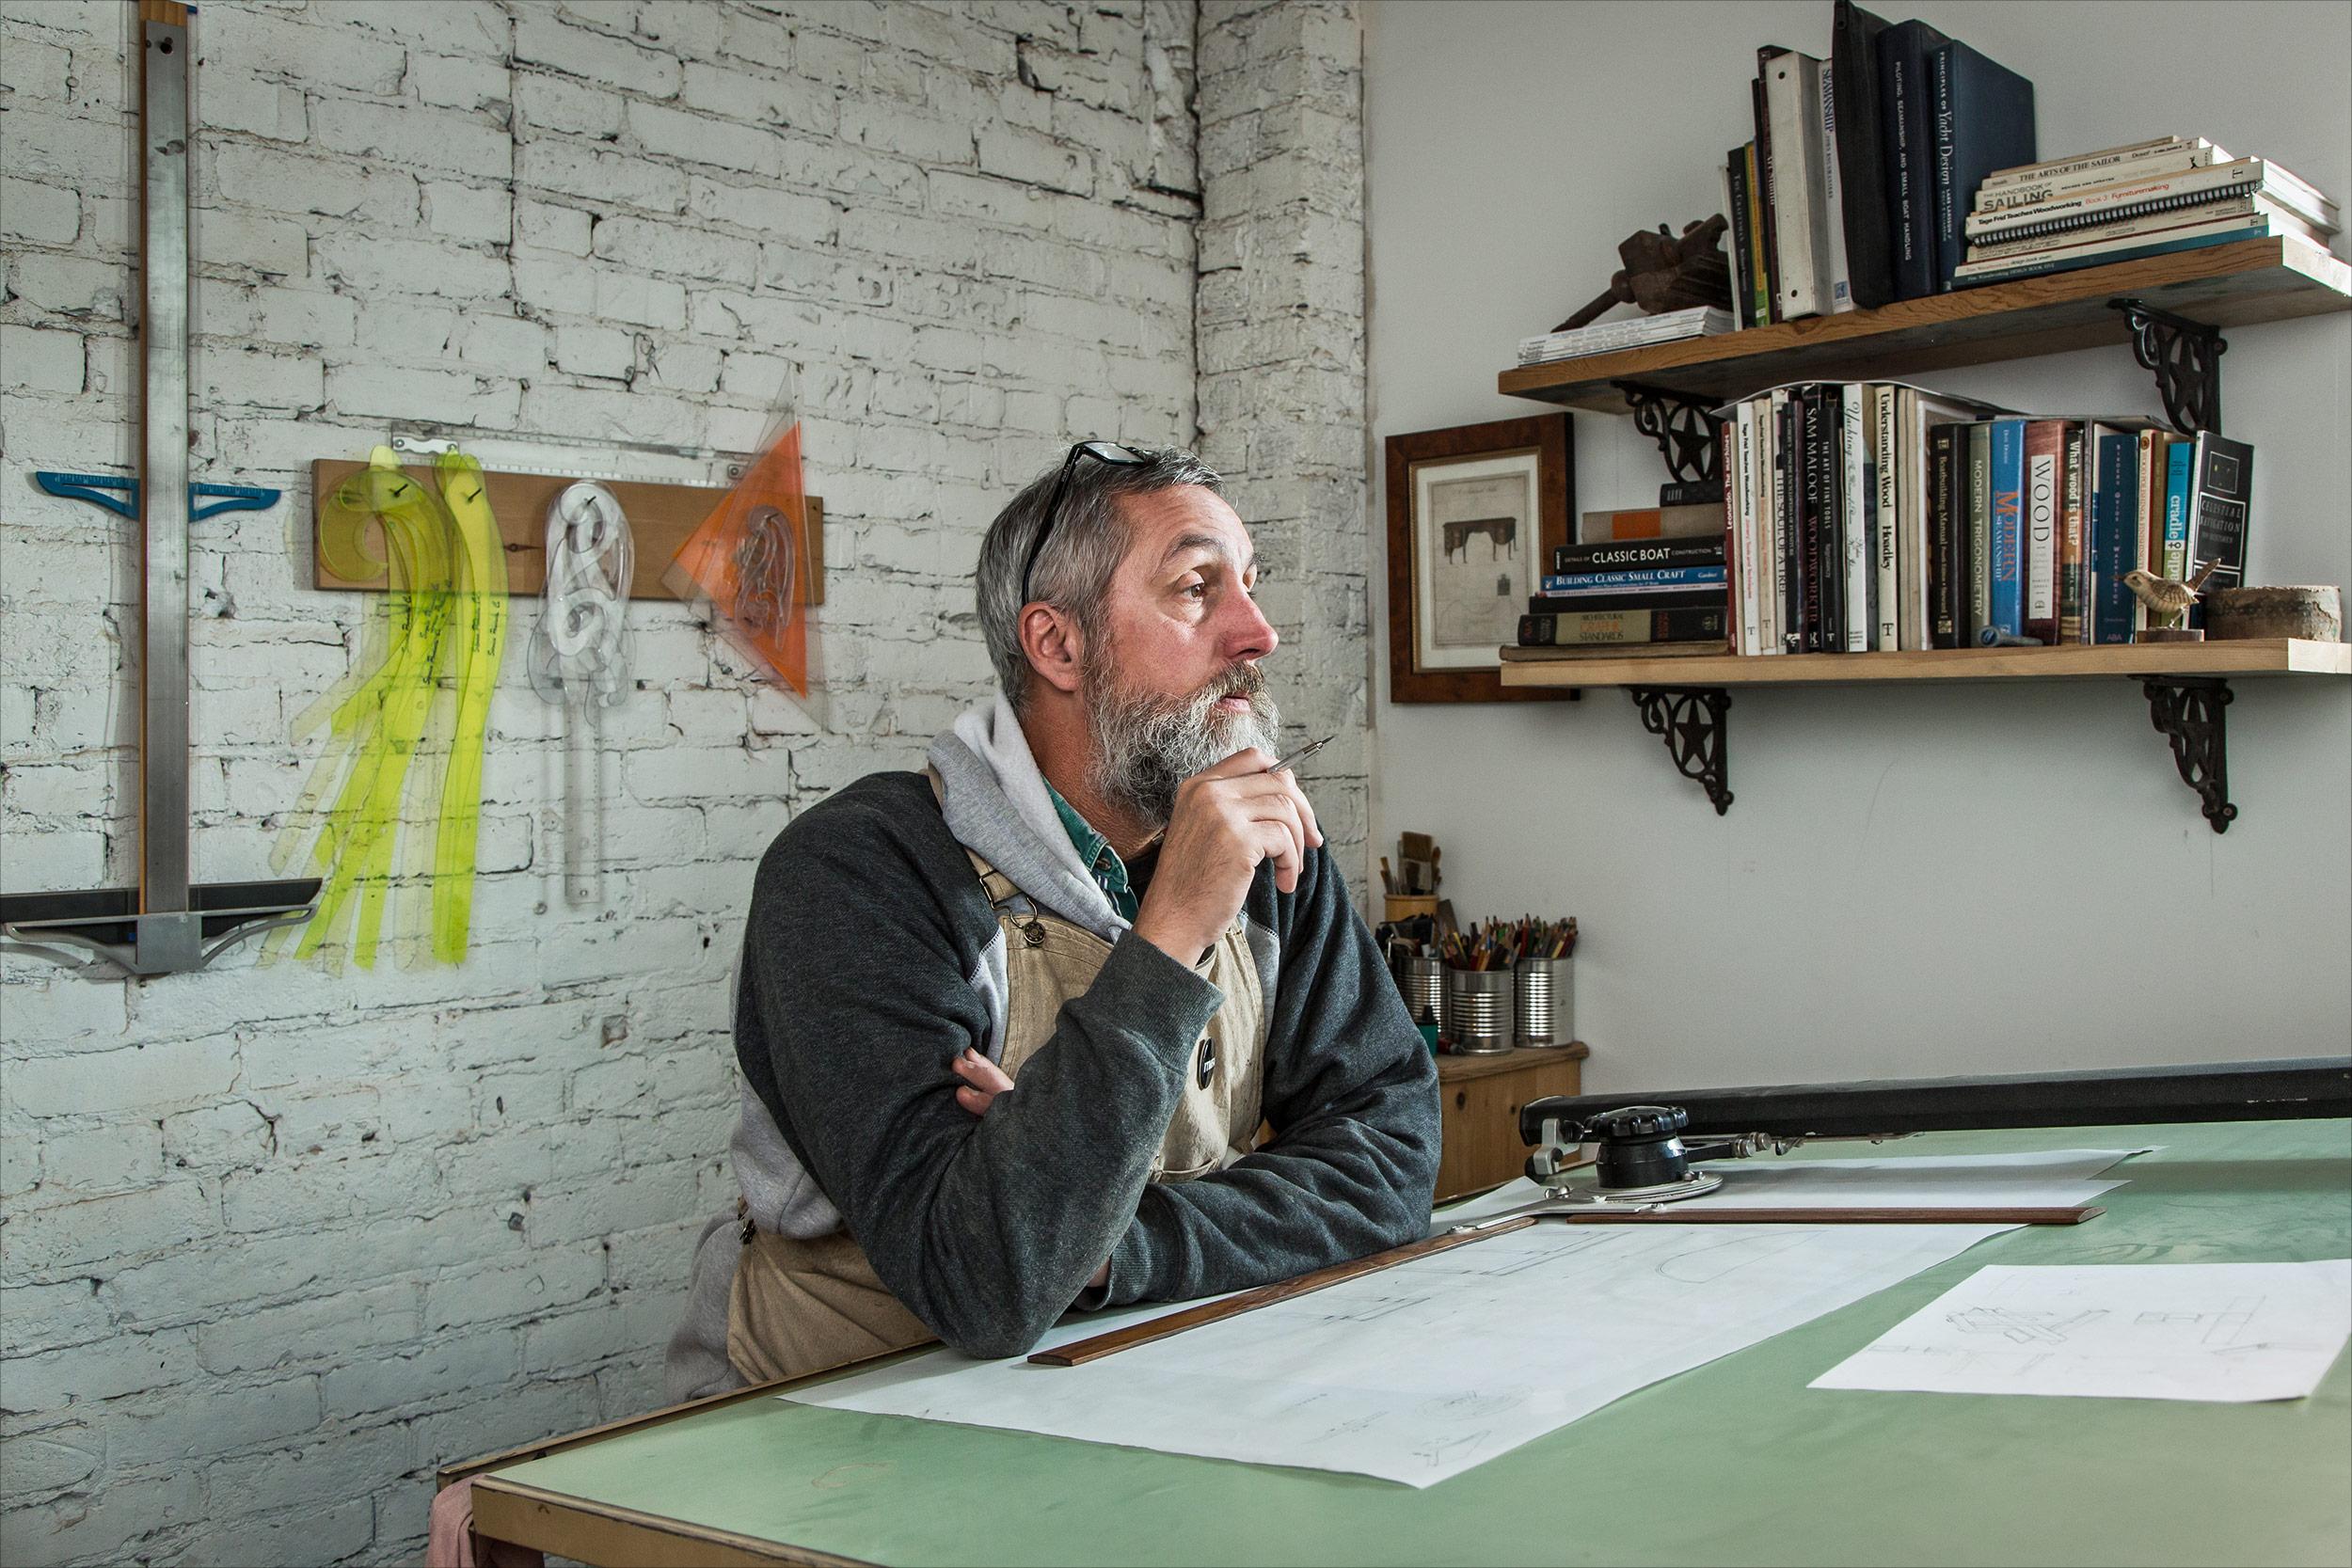 John Belli, craftsman